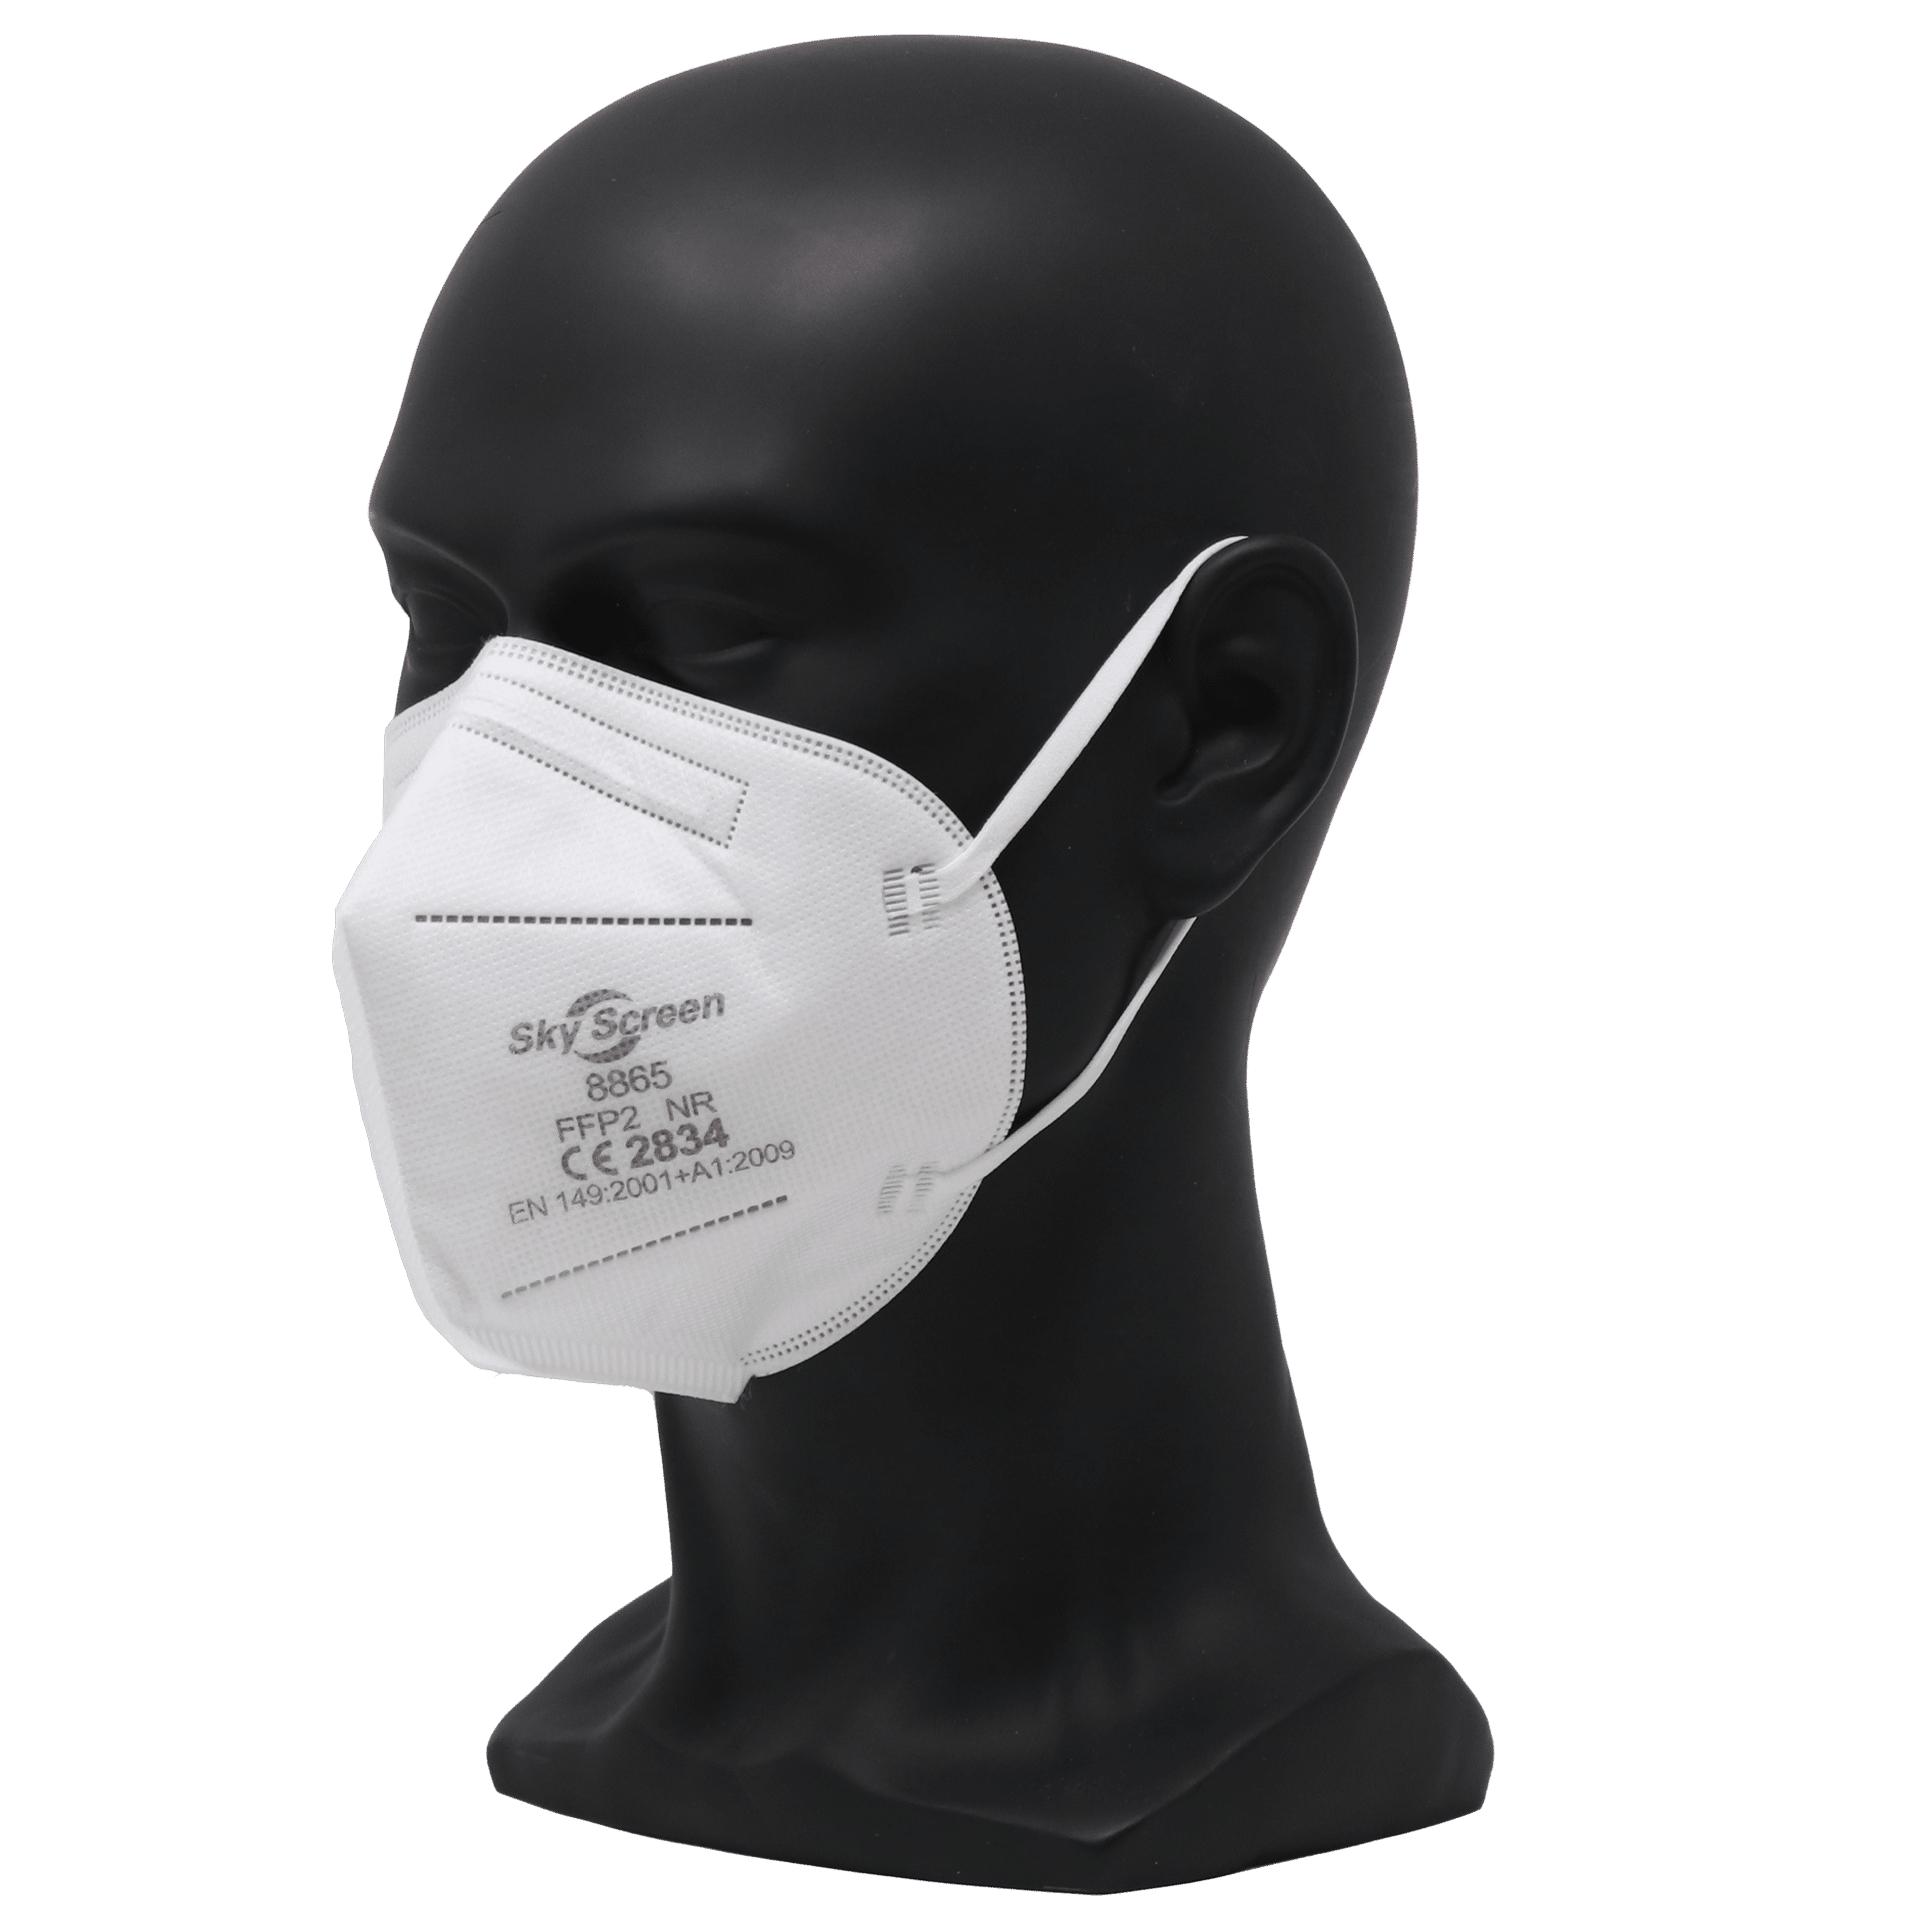 40 FFP2 Masken von SkyScreen (0,4095€ / Stück inkl. Versand) - in 5er Schritten bestellbar